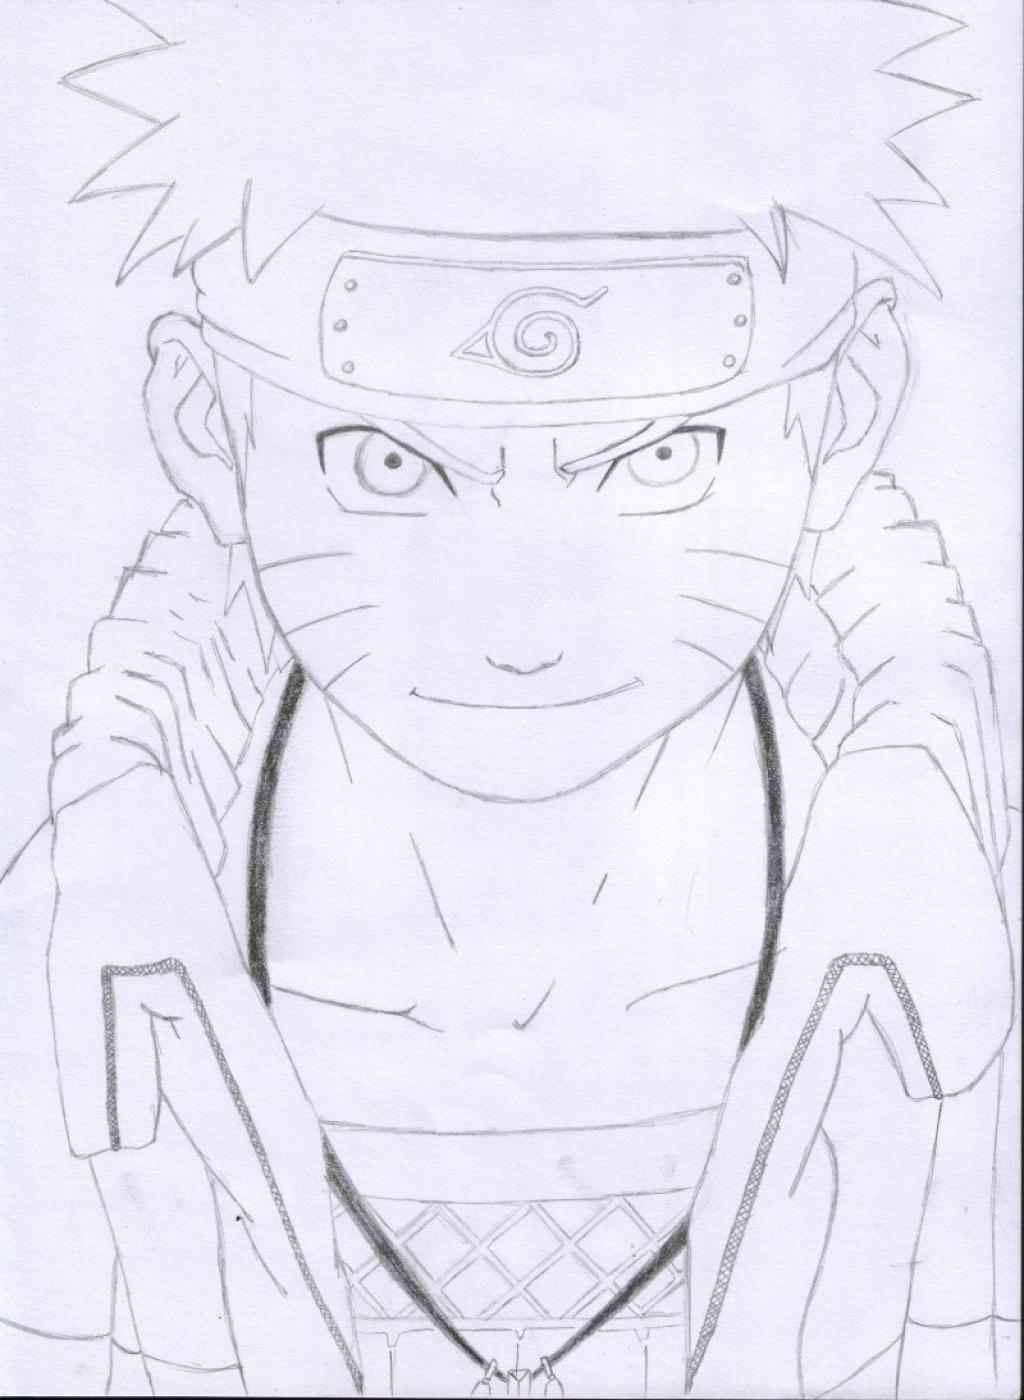 les dessins de sayori 00010-7453d6-7c70fd